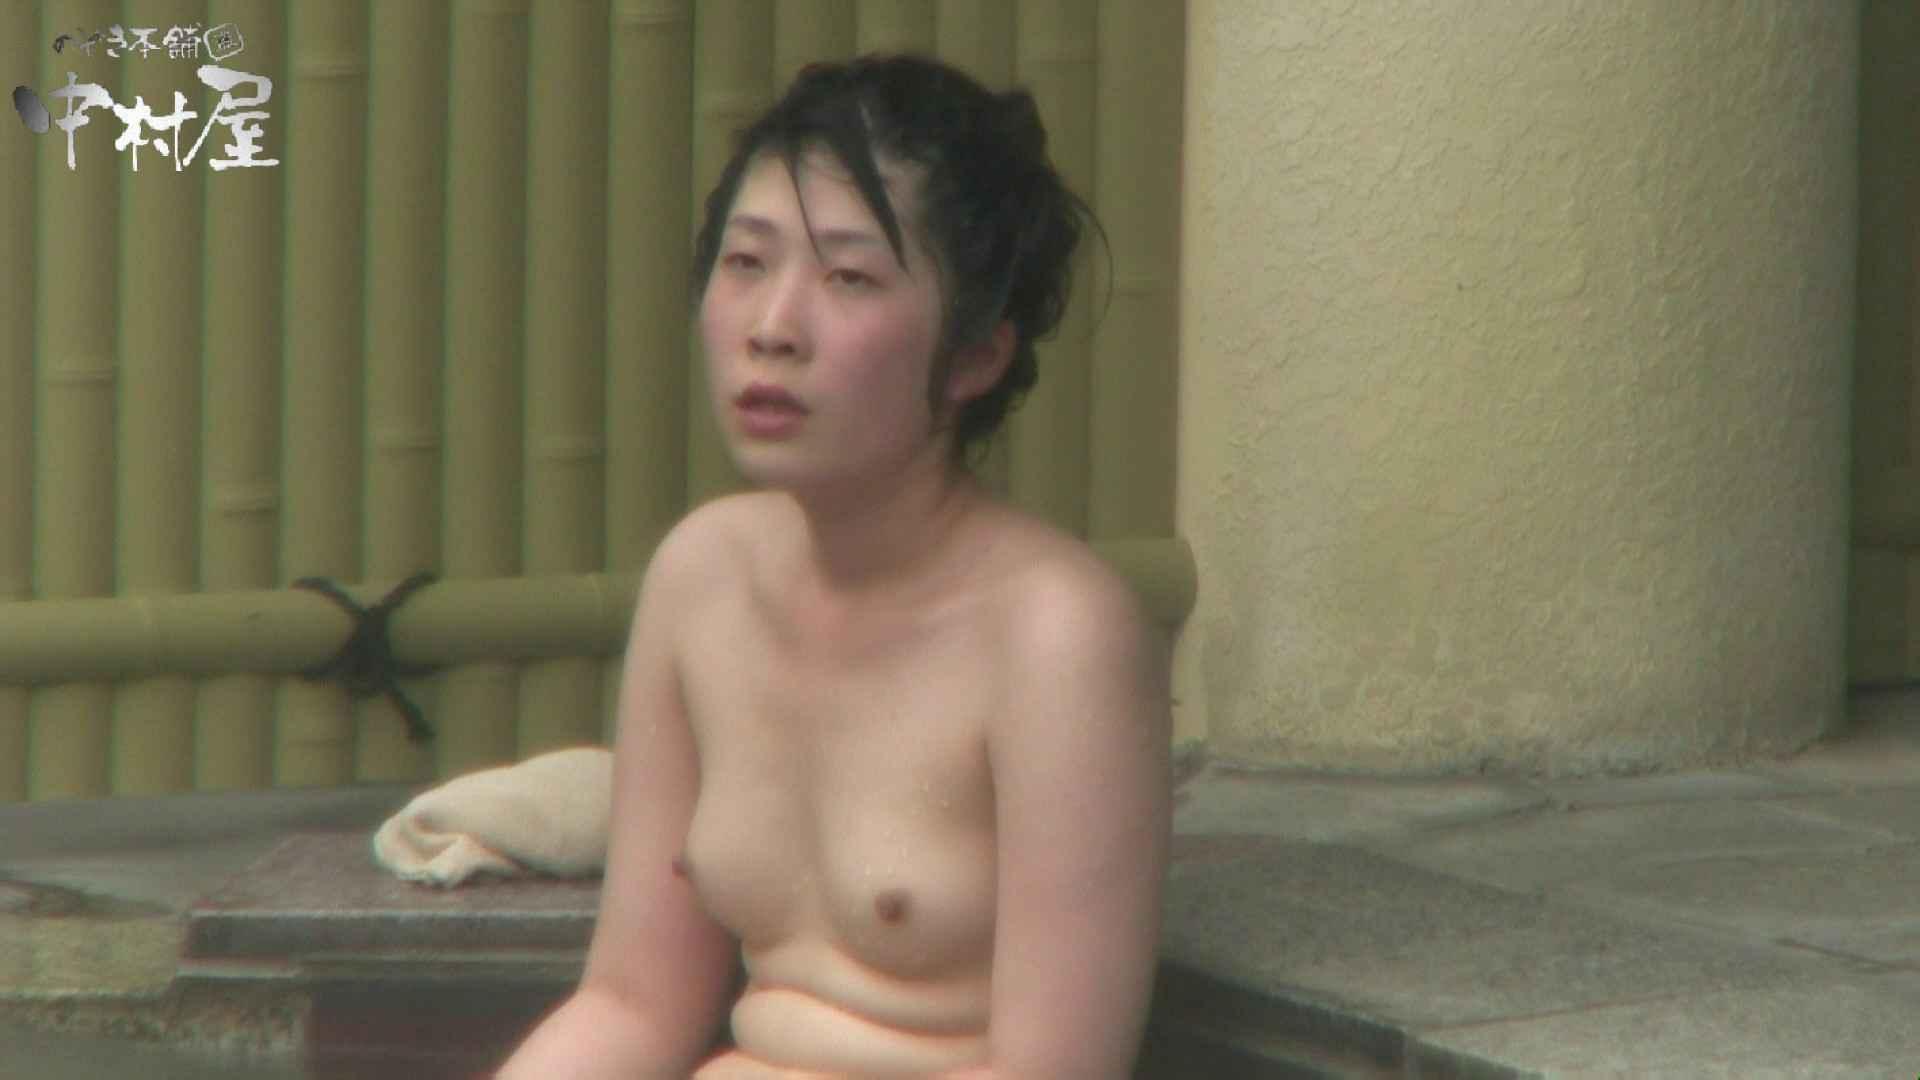 Aquaな露天風呂Vol.955 女体盗撮  74連発 27